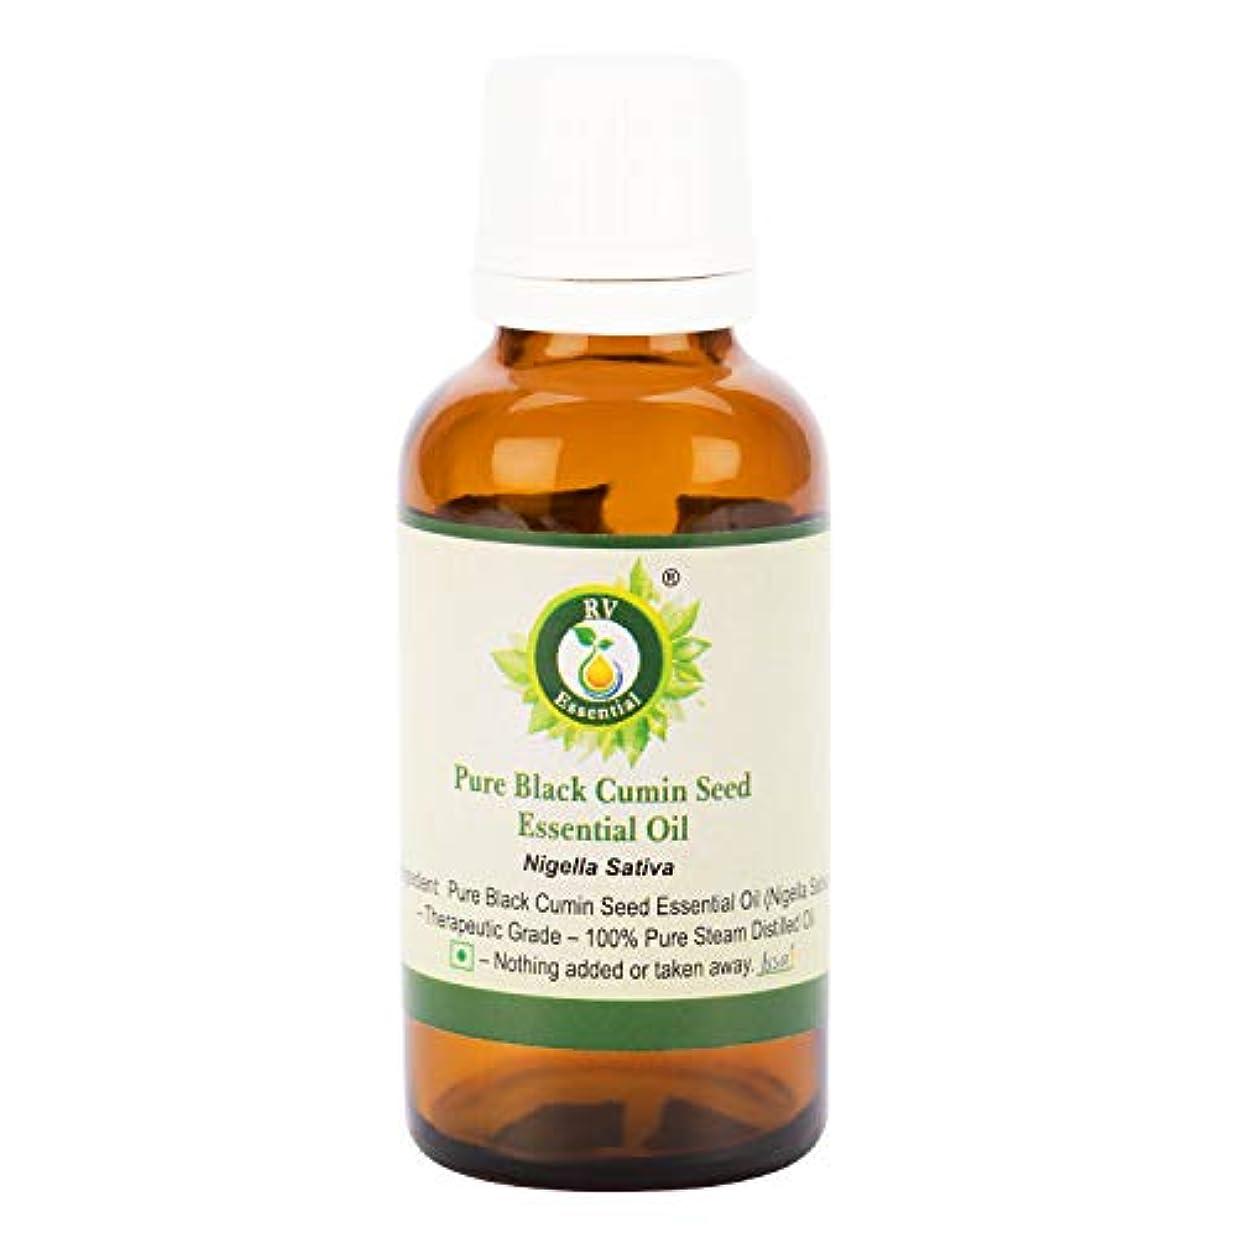 湿った視線虚偽ピュアブラッククミンシードエッセンシャルオイル5ml (0.169oz)- Nigella Sativa (100%純粋&天然スチームDistilled) Pure Black Cumin Seed Essential...